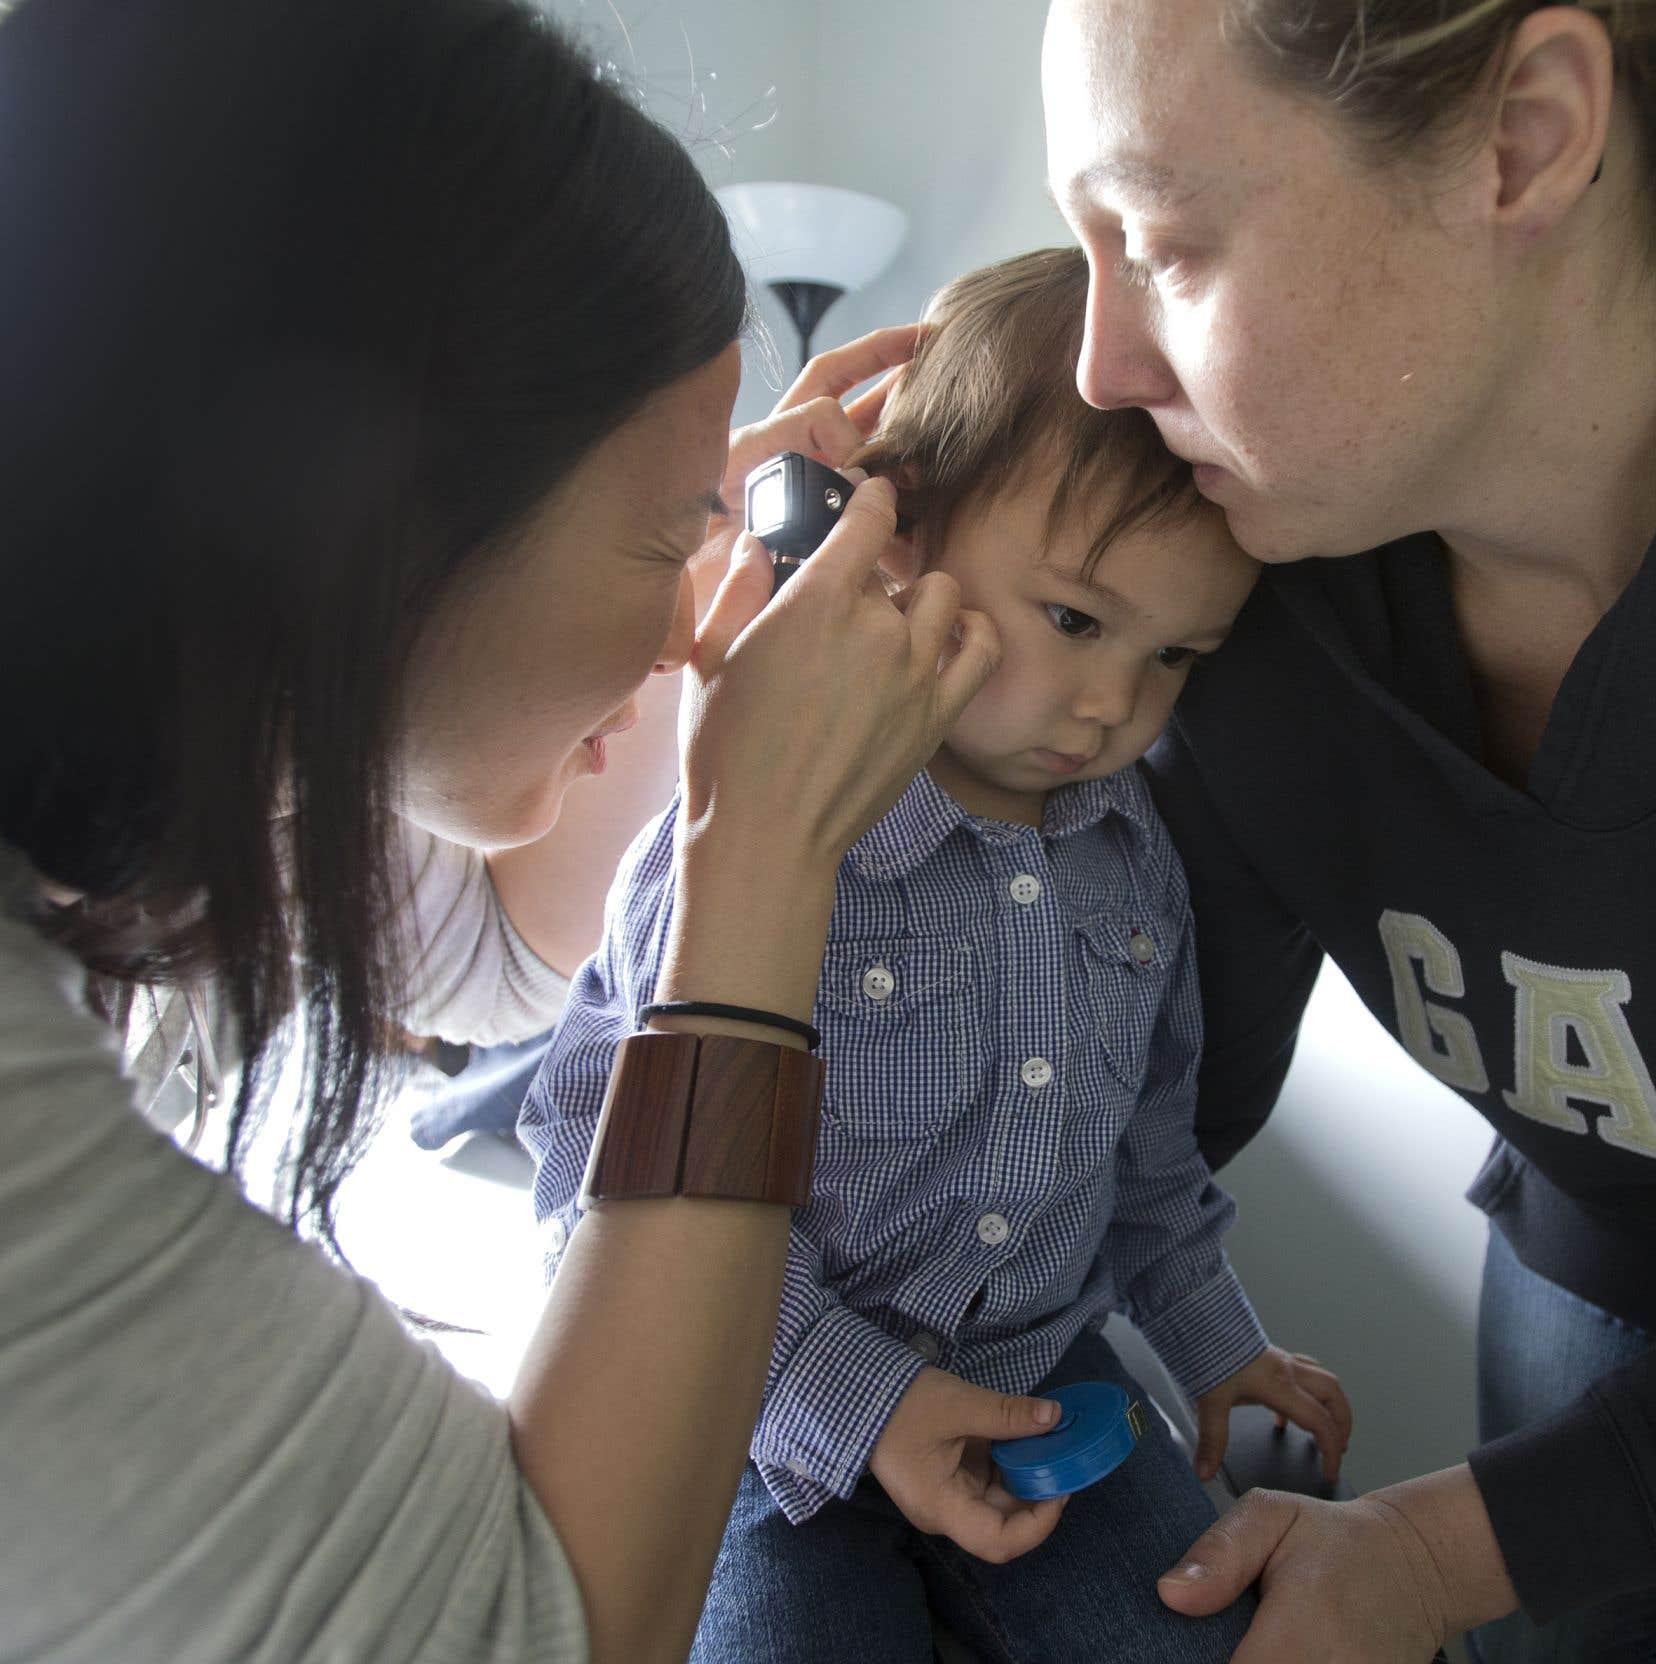 À l'heure actuelle, on estime que près de 146 000 enfants n'ont pas accès à un médecin de famille ou à un pédiatre au Québec.